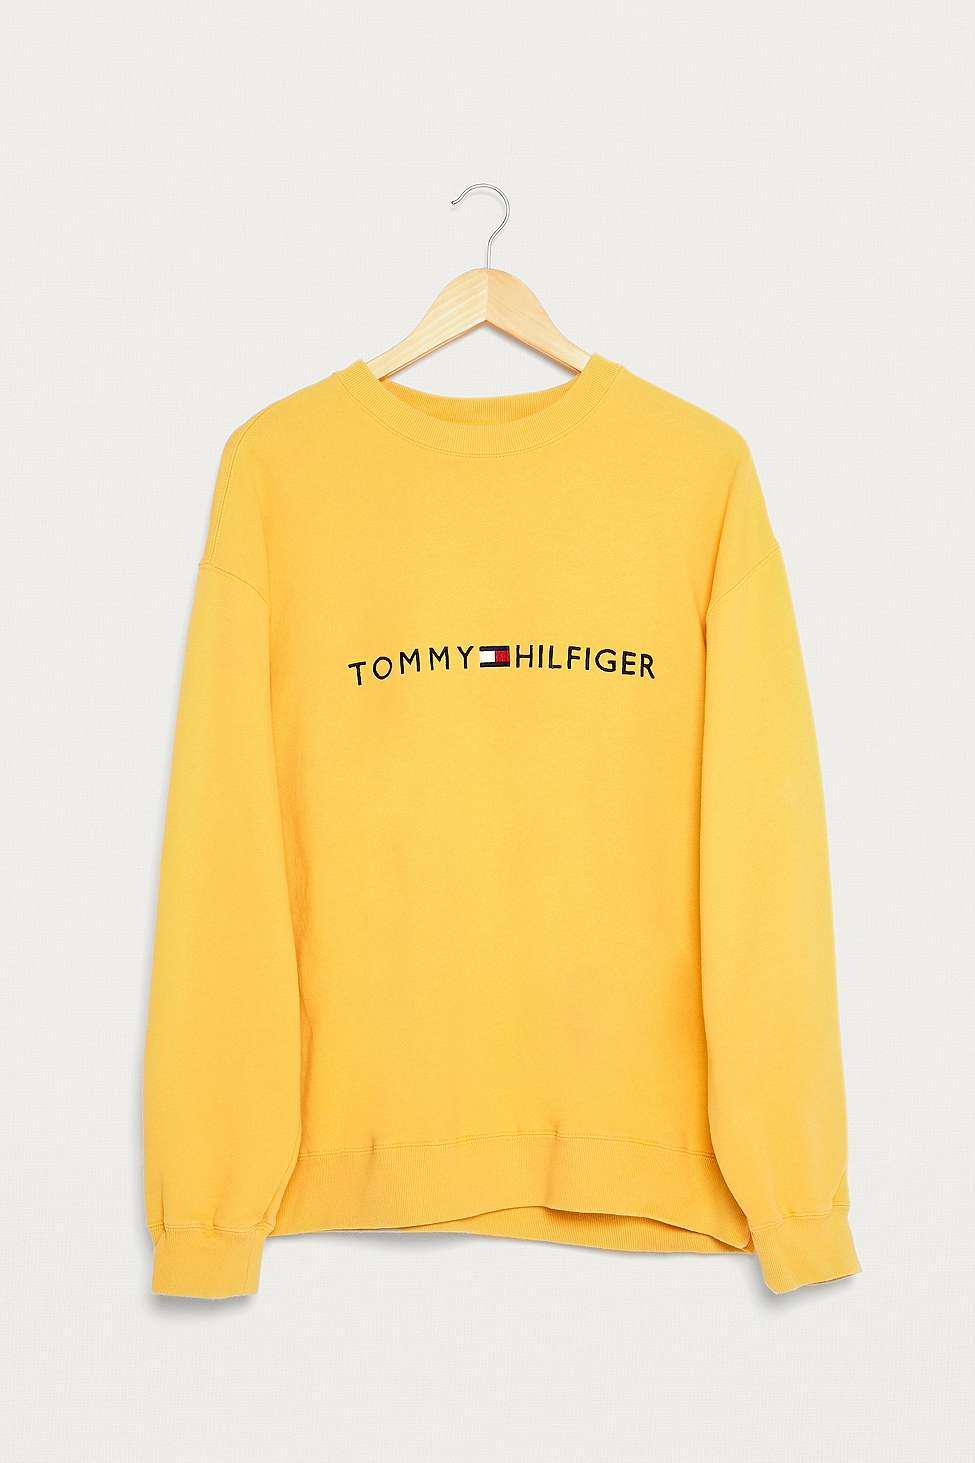 da4b4b38 Urban Renewal Vintage One-of-a-kind Tommy Hilfiger Logo Sweatshirt ...